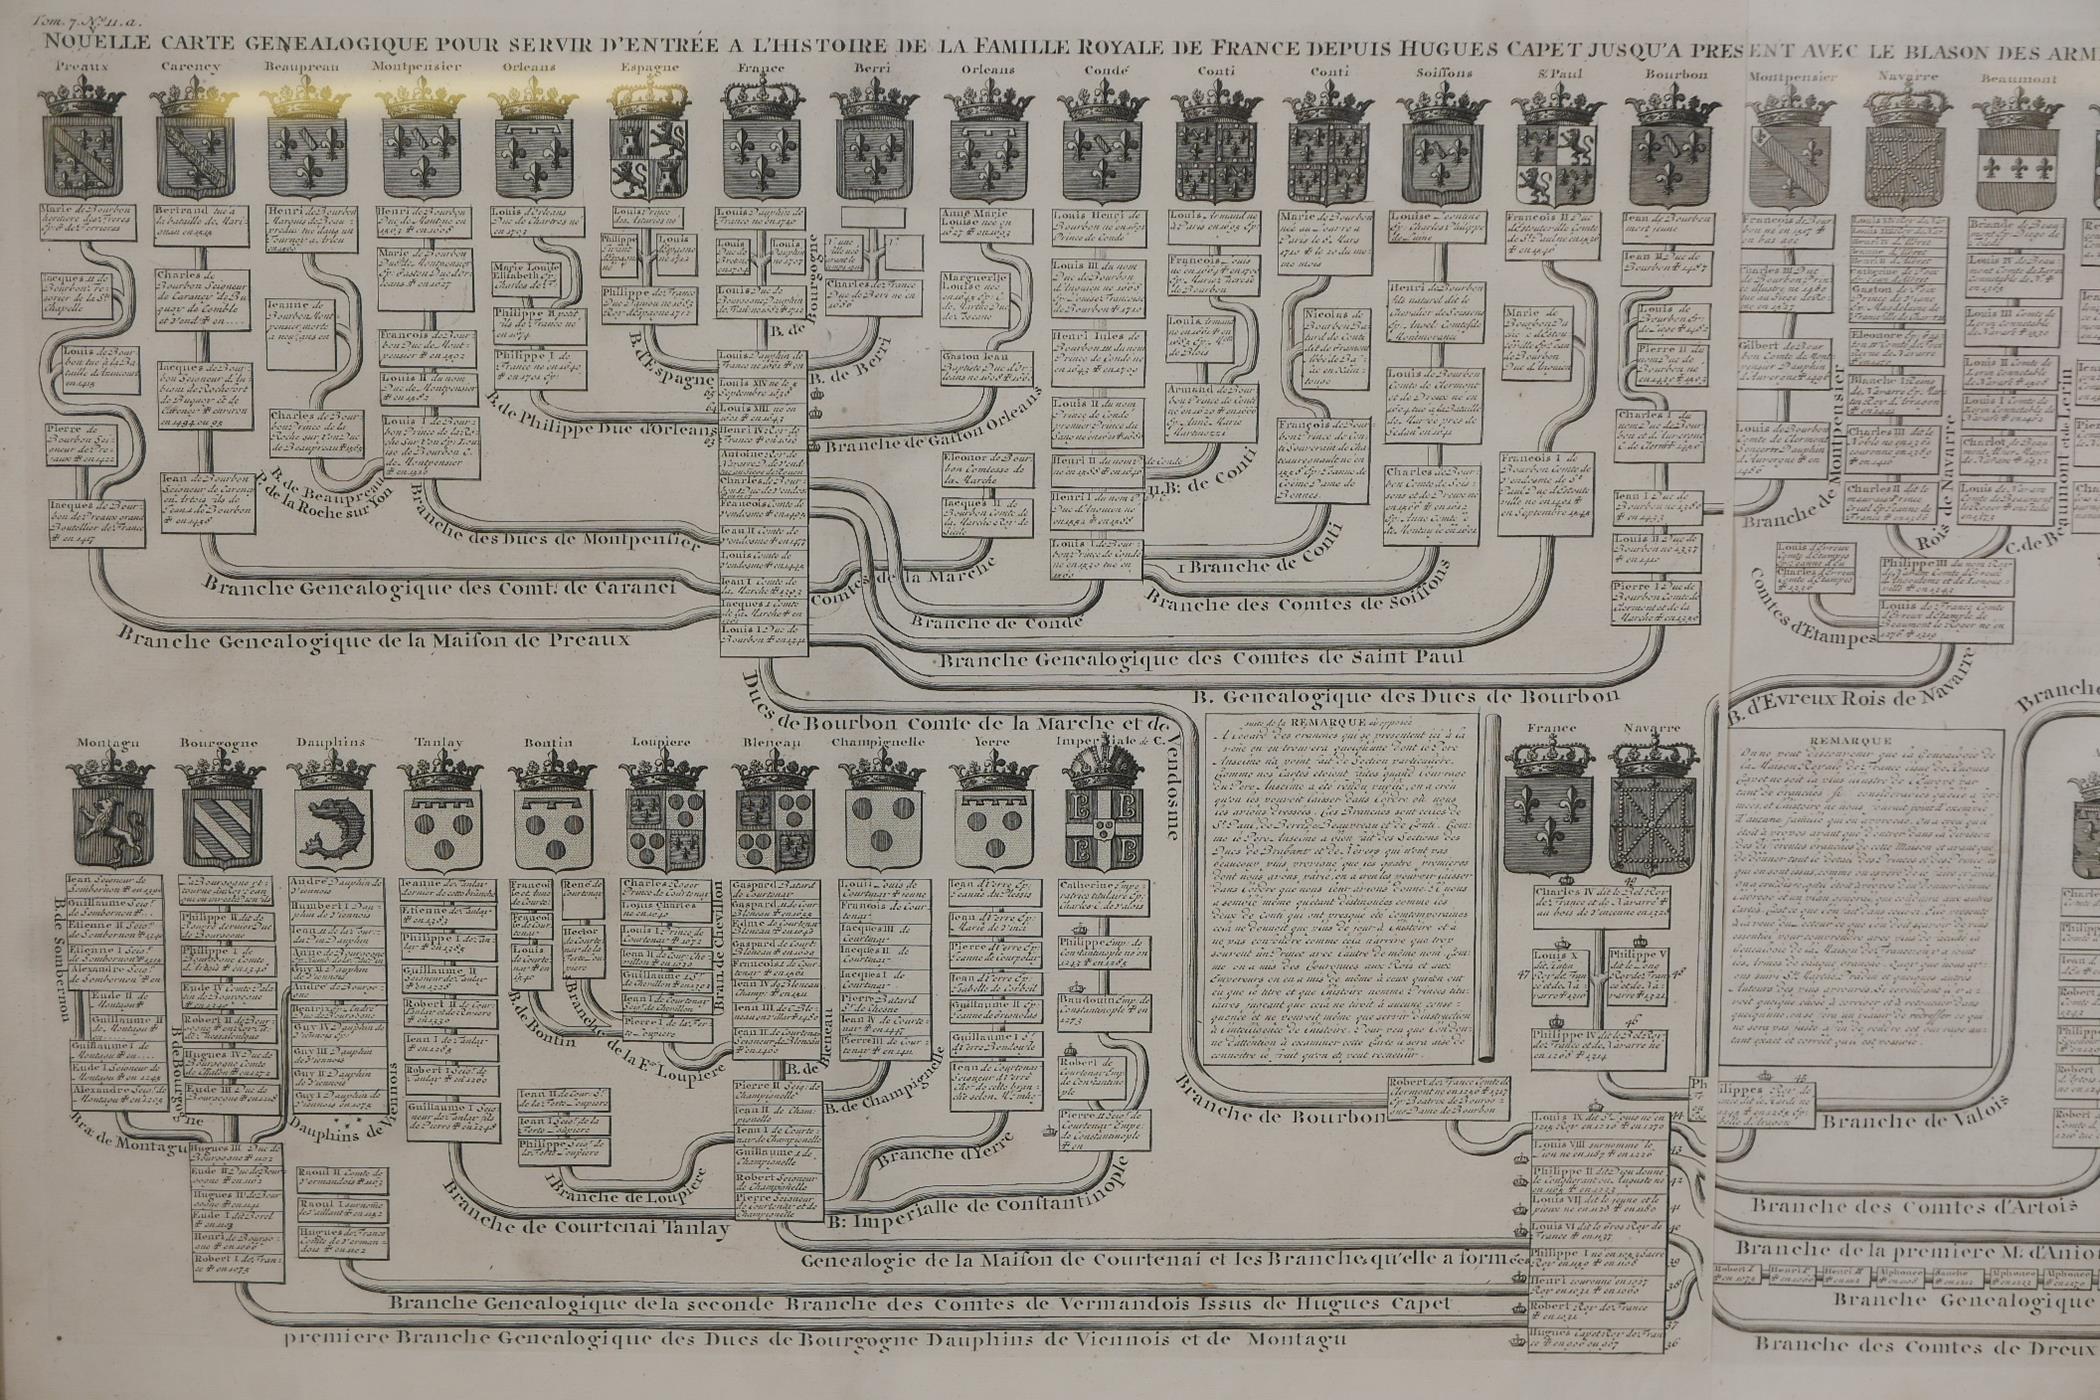 An C18th heraldic engraving, Nouvelle Carte Genealogique, pour servir d'entree a l'histoire de la - Image 2 of 7